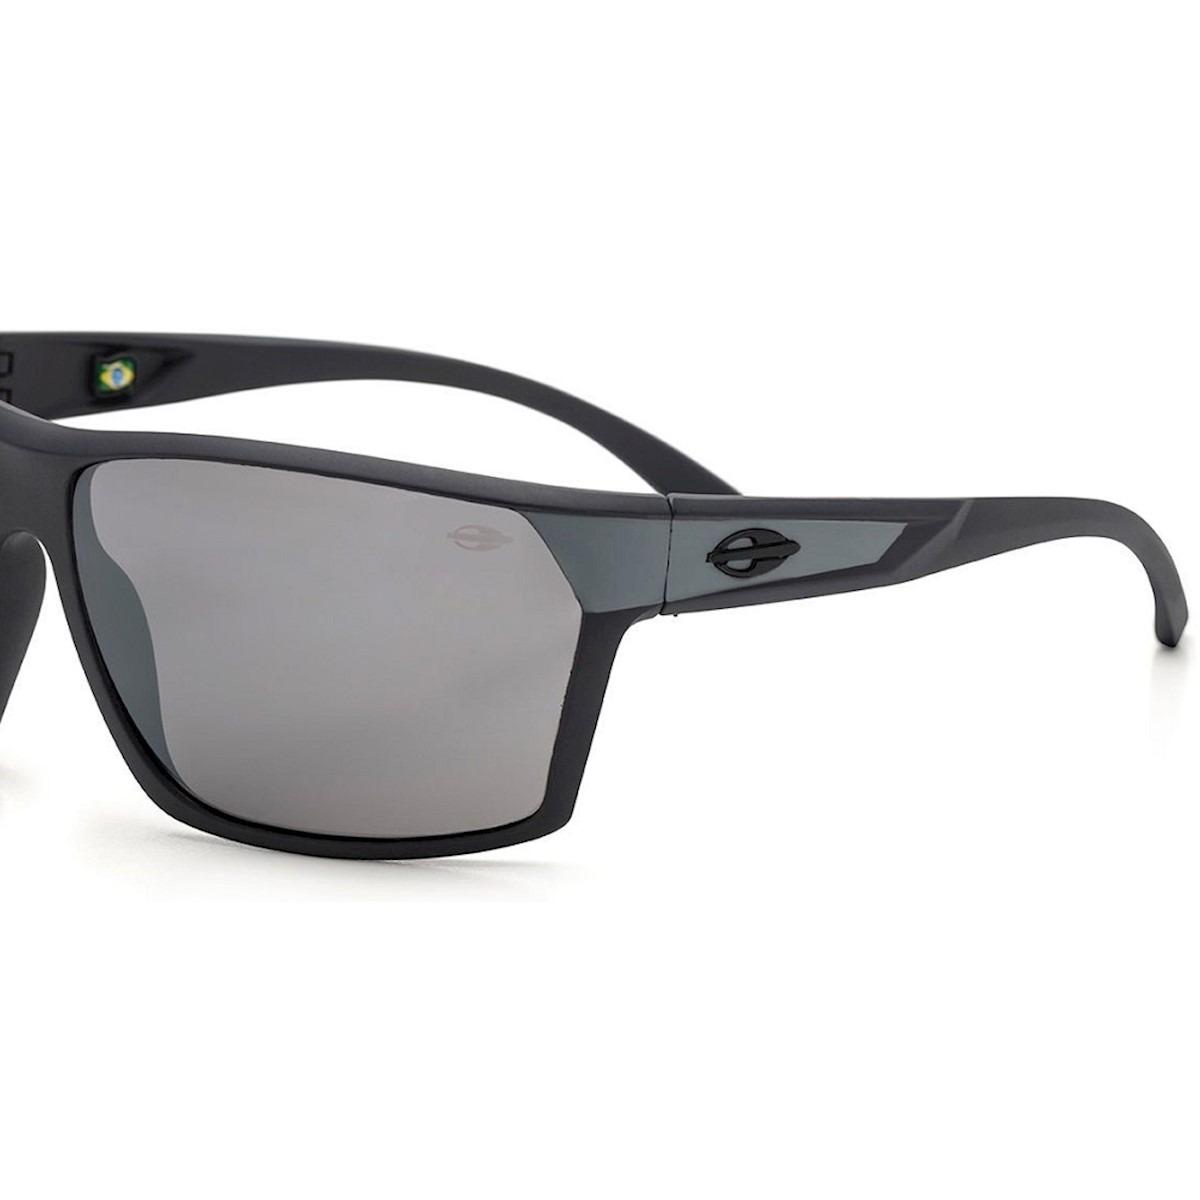 aed9c85647533 Óculos De Sol Mormaii Storm Fosco - Original - R  249